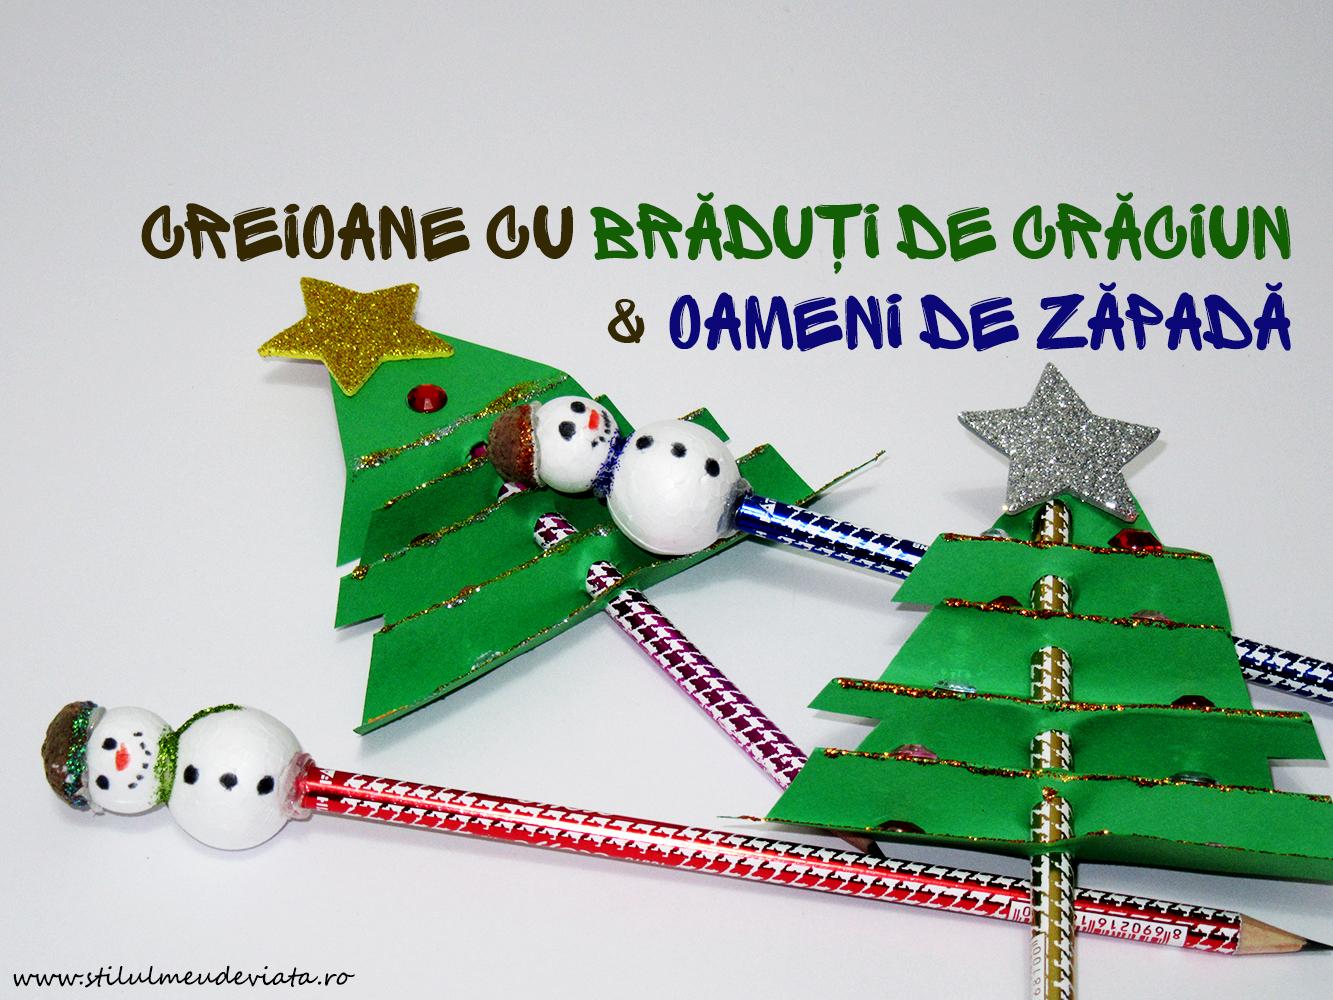 Creioane cu brăduți de Crăciun și oameni de zăpadă